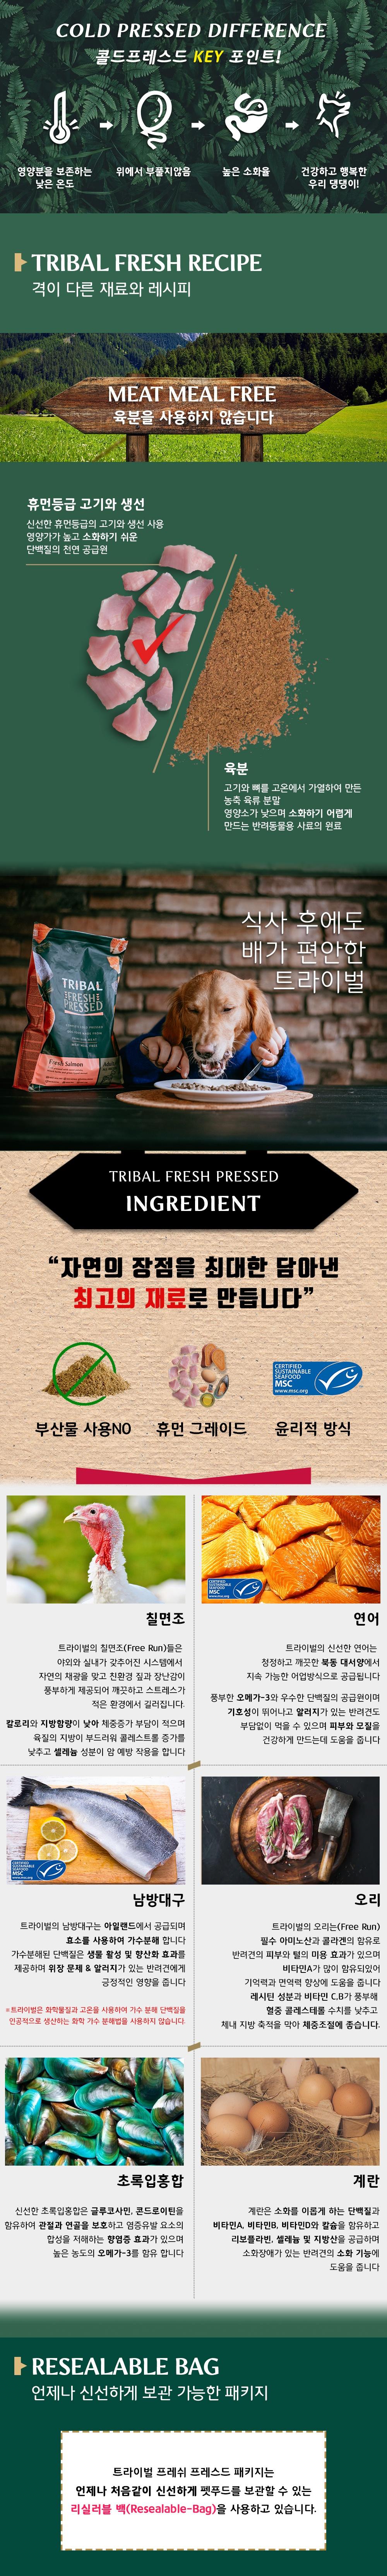 [오구오구특가]콜드프레스드 트라이벌 프레쉬 프레스드 오리 소형견 스몰키블 1.5kg (2개세트)-상품이미지-3